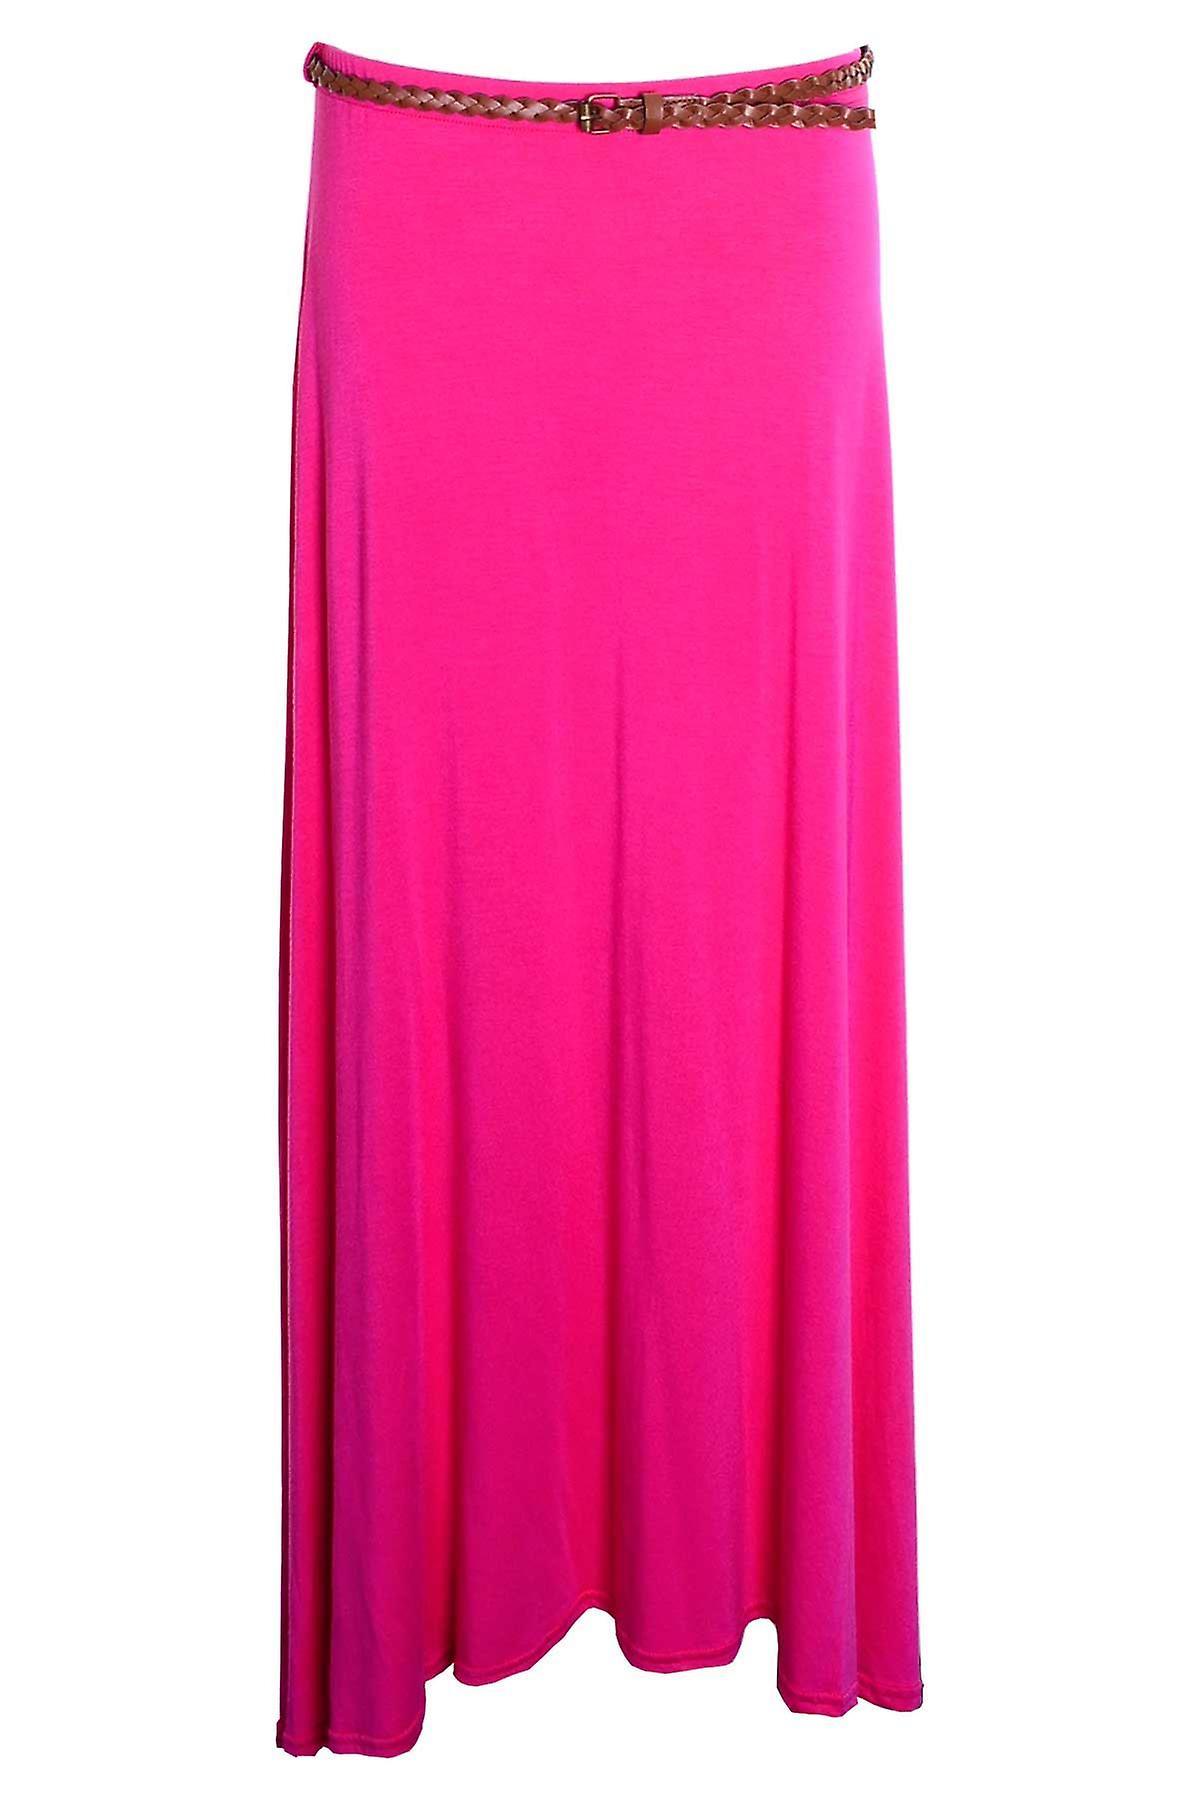 Uusi naisten pitkä Gypsy turvavyötä tavallinen värillinen Jersey Maxi mekko naisten hame